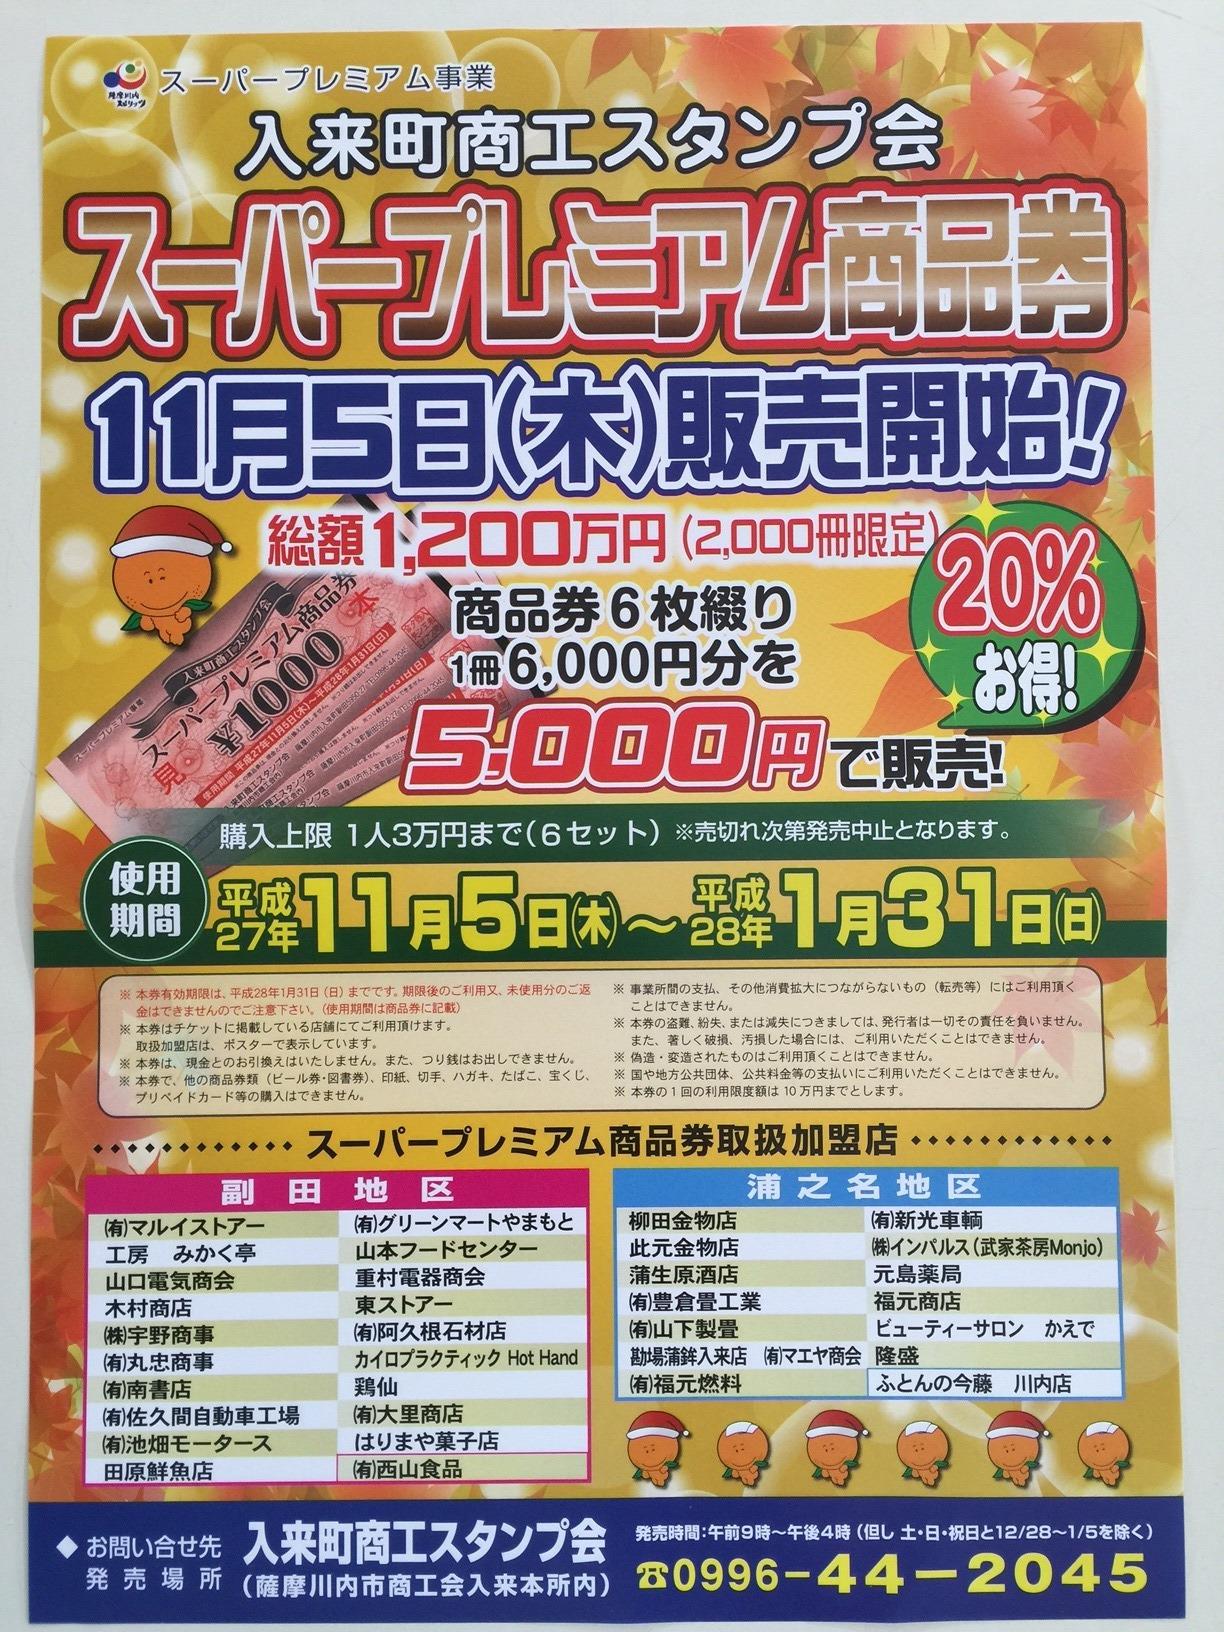 【入来町商工会スーパープレミアム商品券】20%お得な商品券が本日発売開始です!